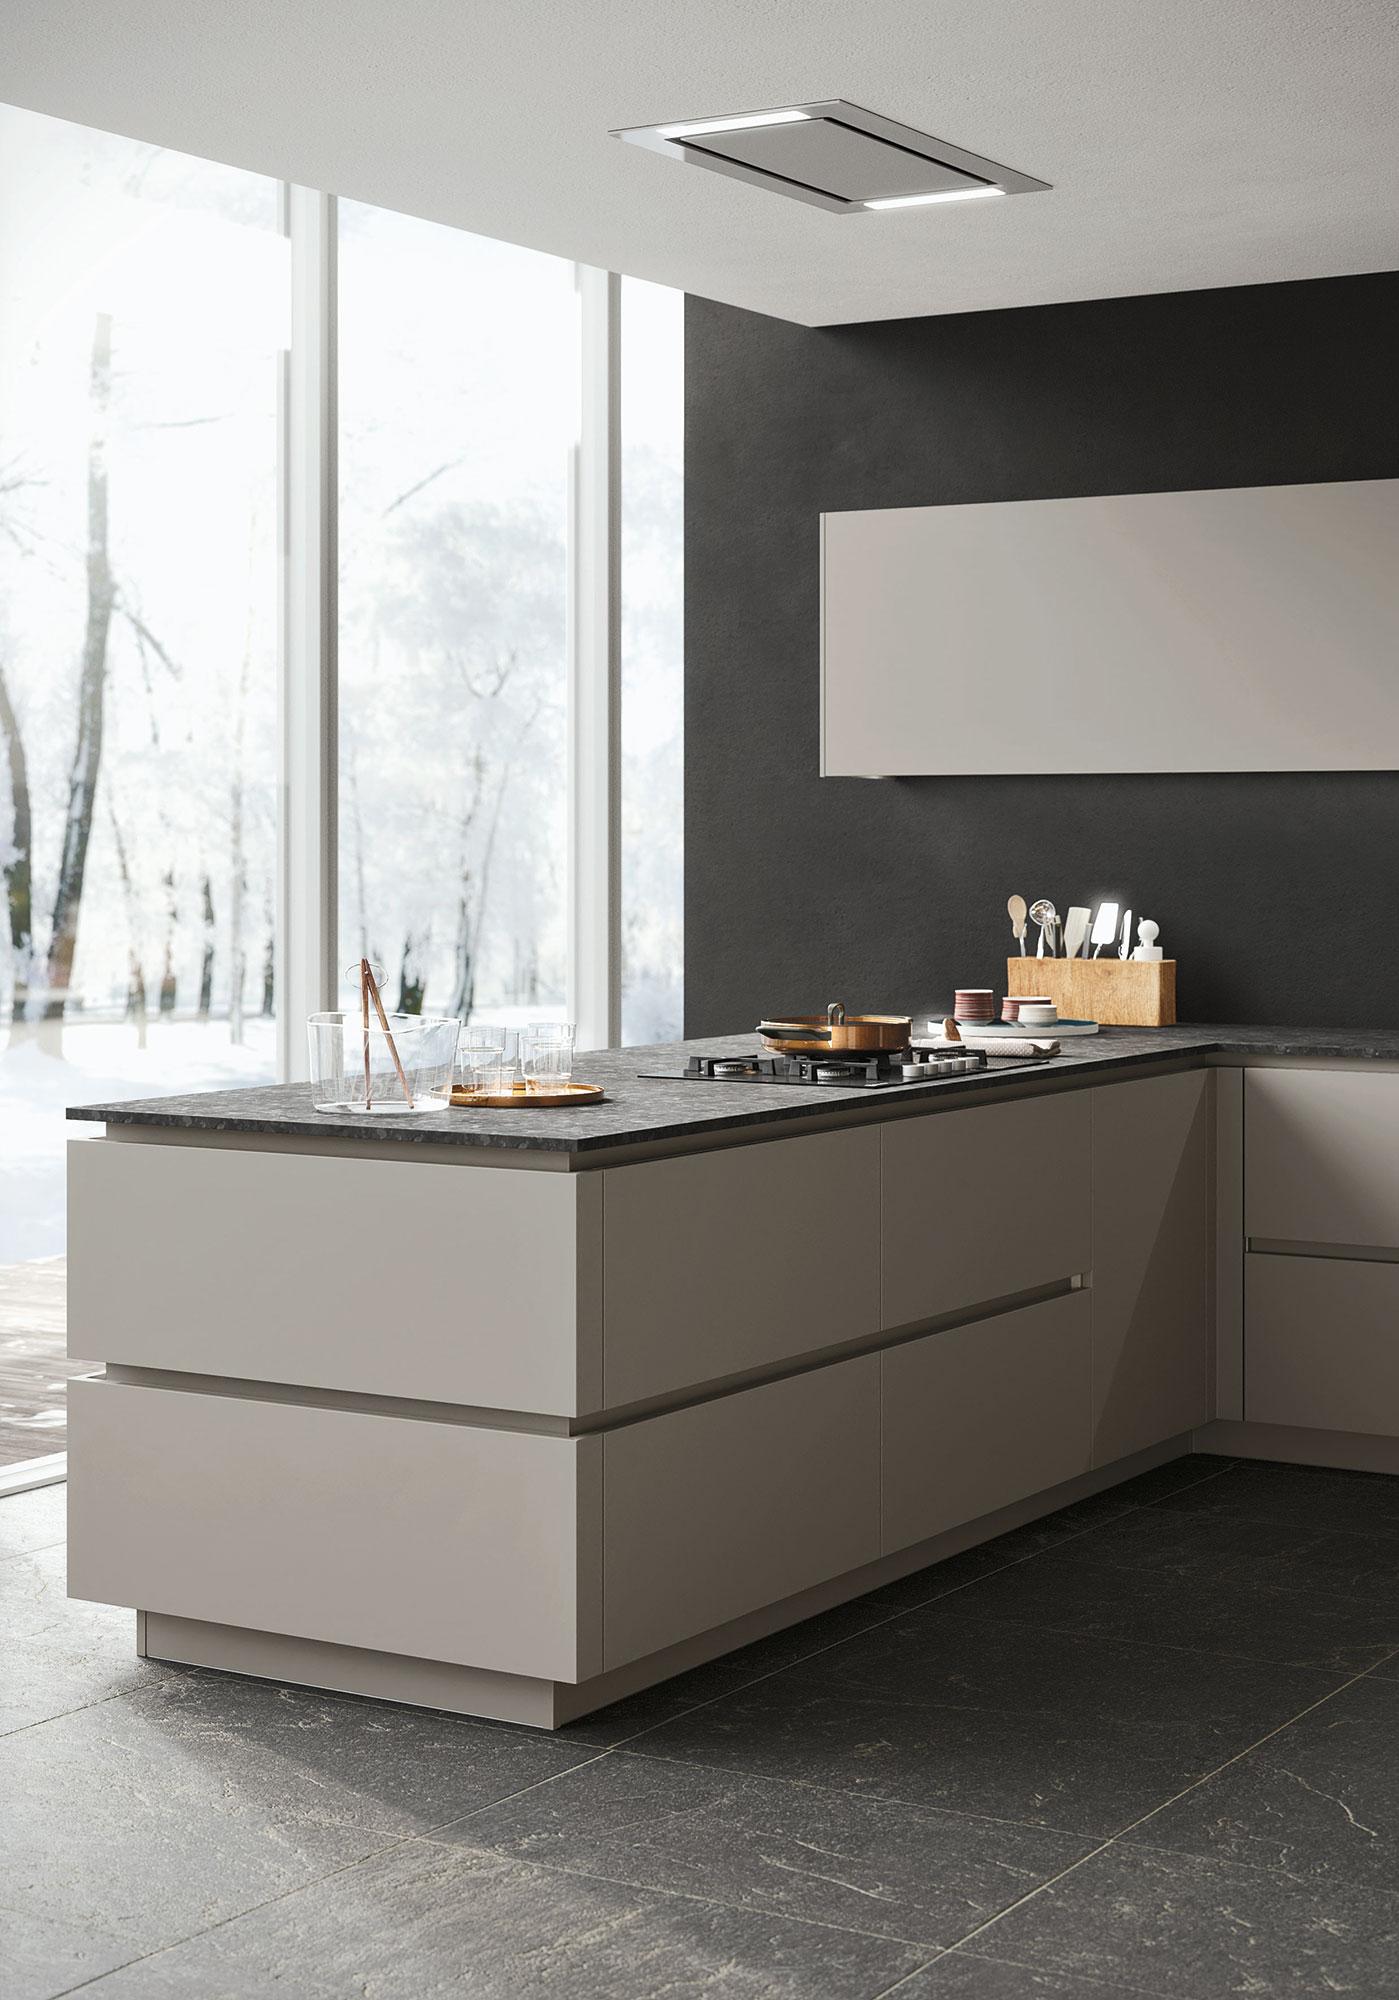 cucine-componibili-moderne-look-snaidero-dettaglio-11